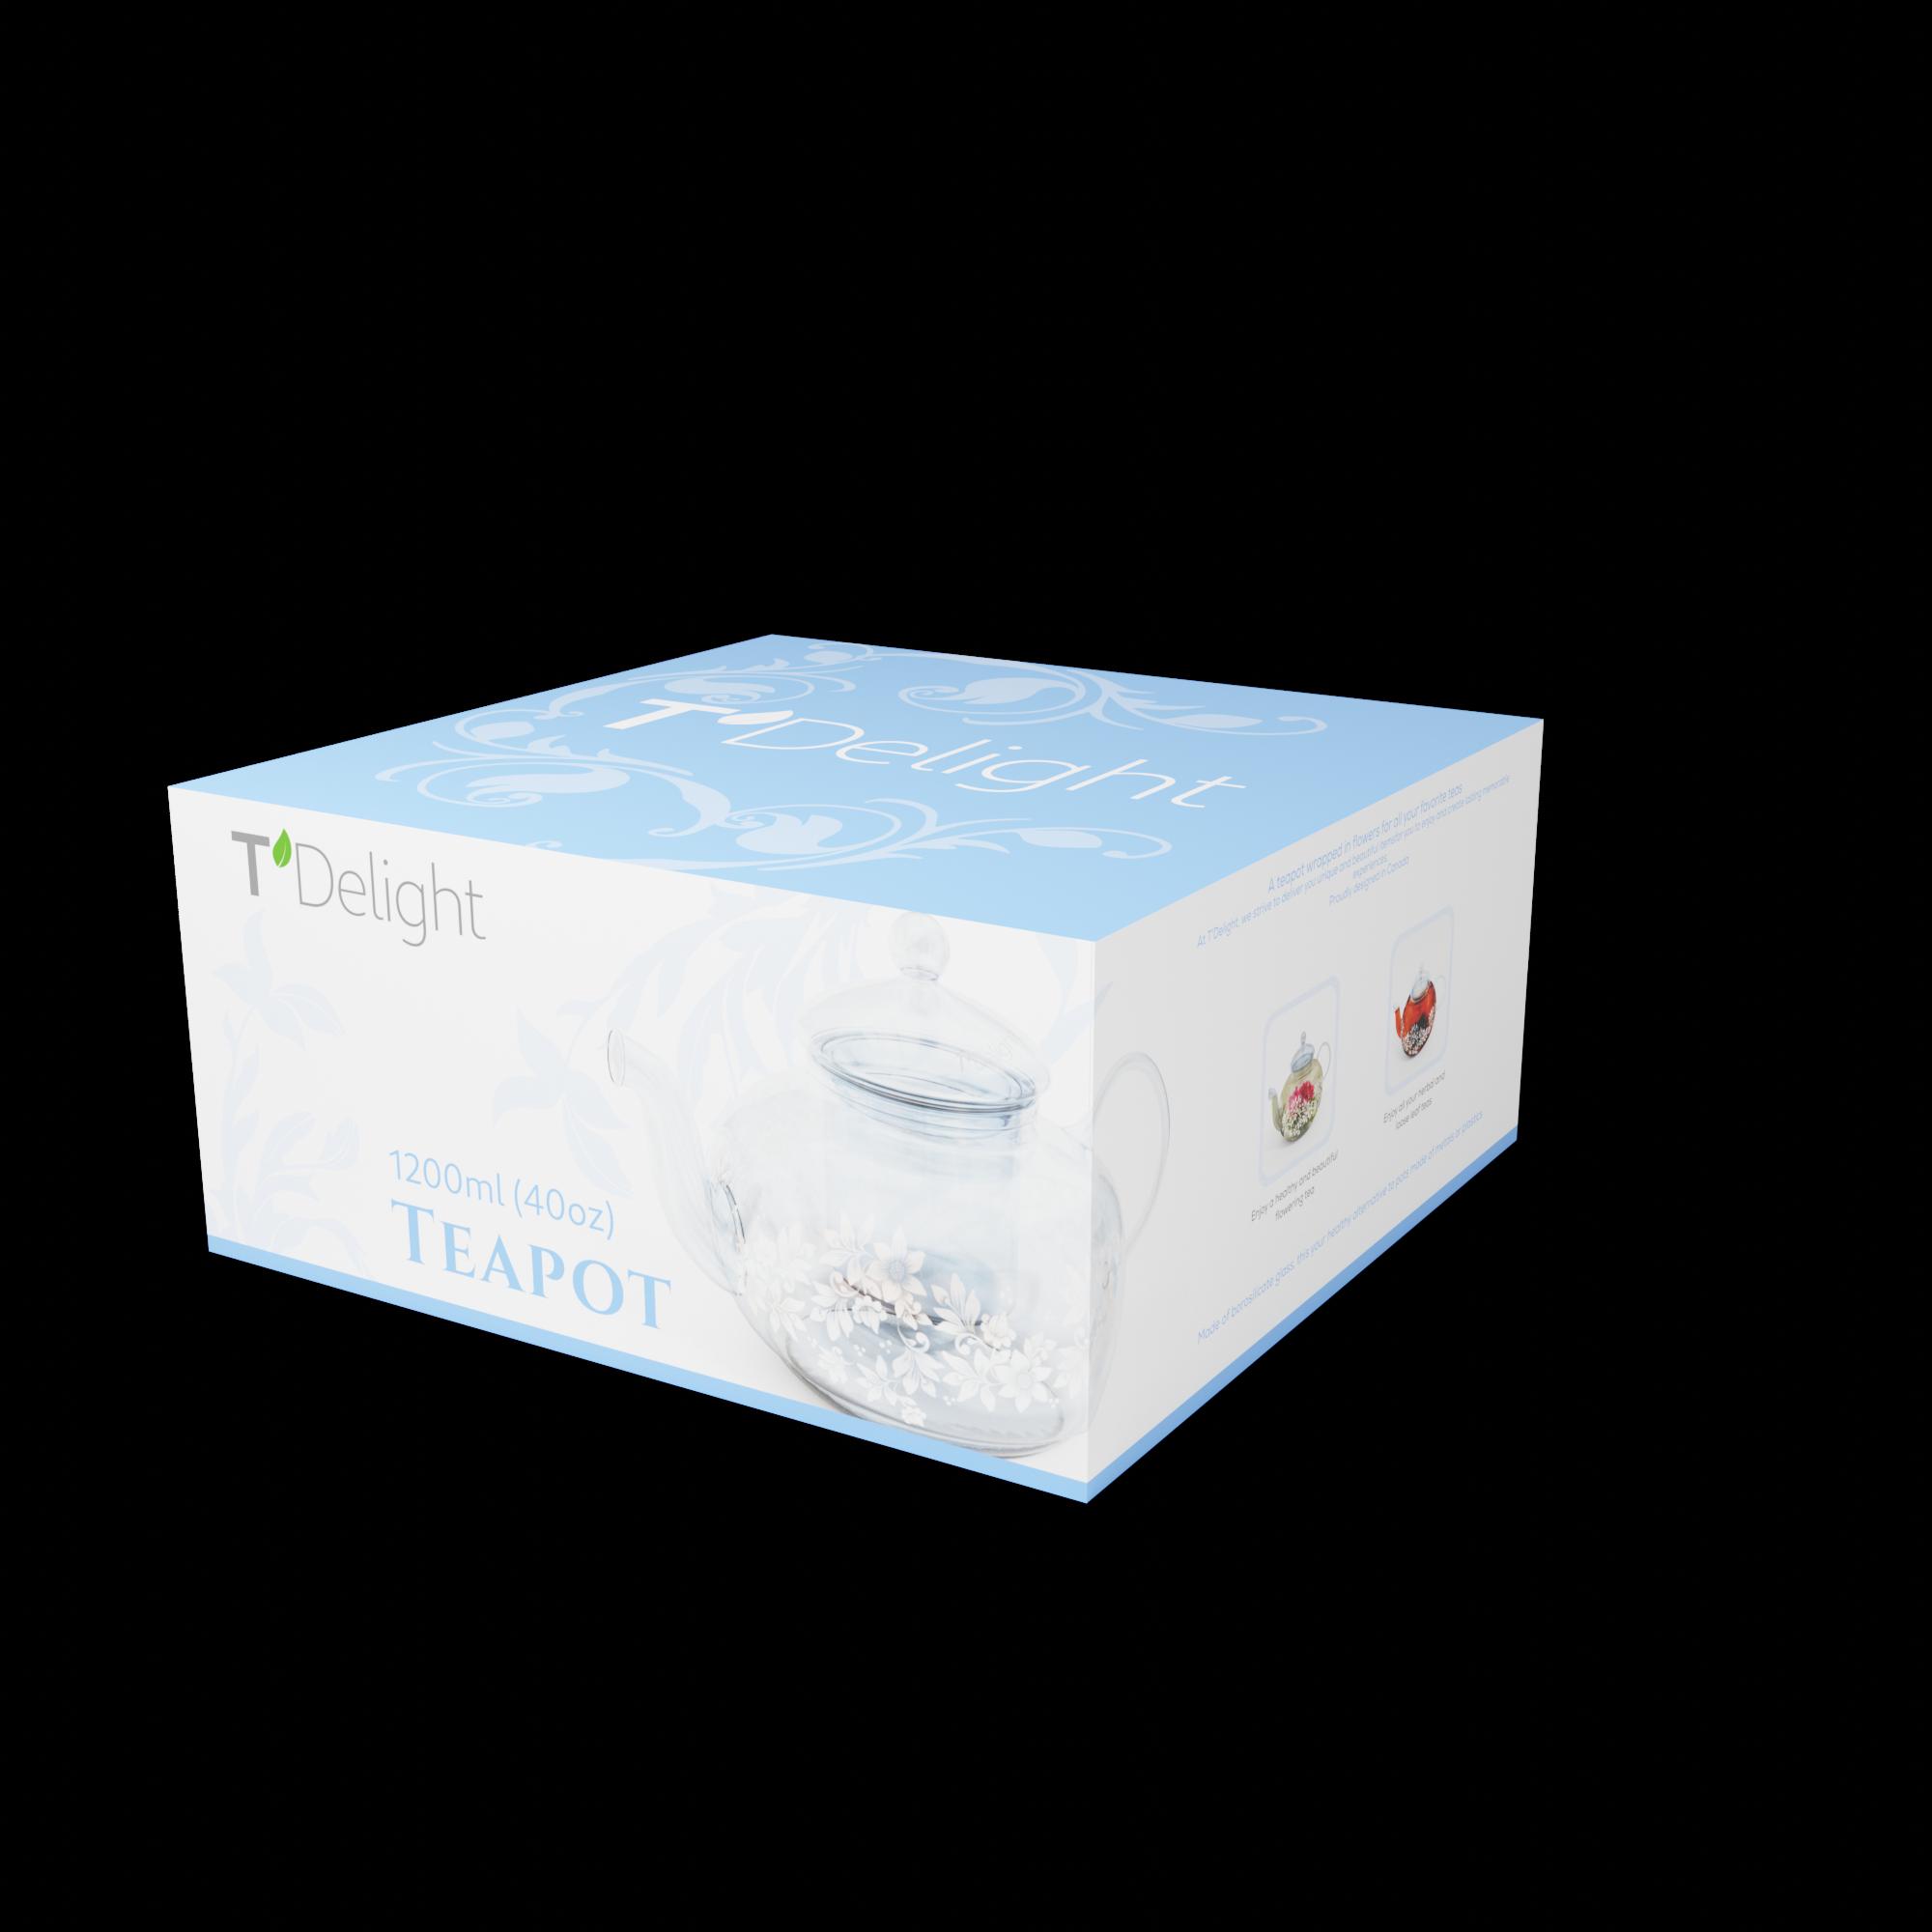 Glass Teapot Packaging